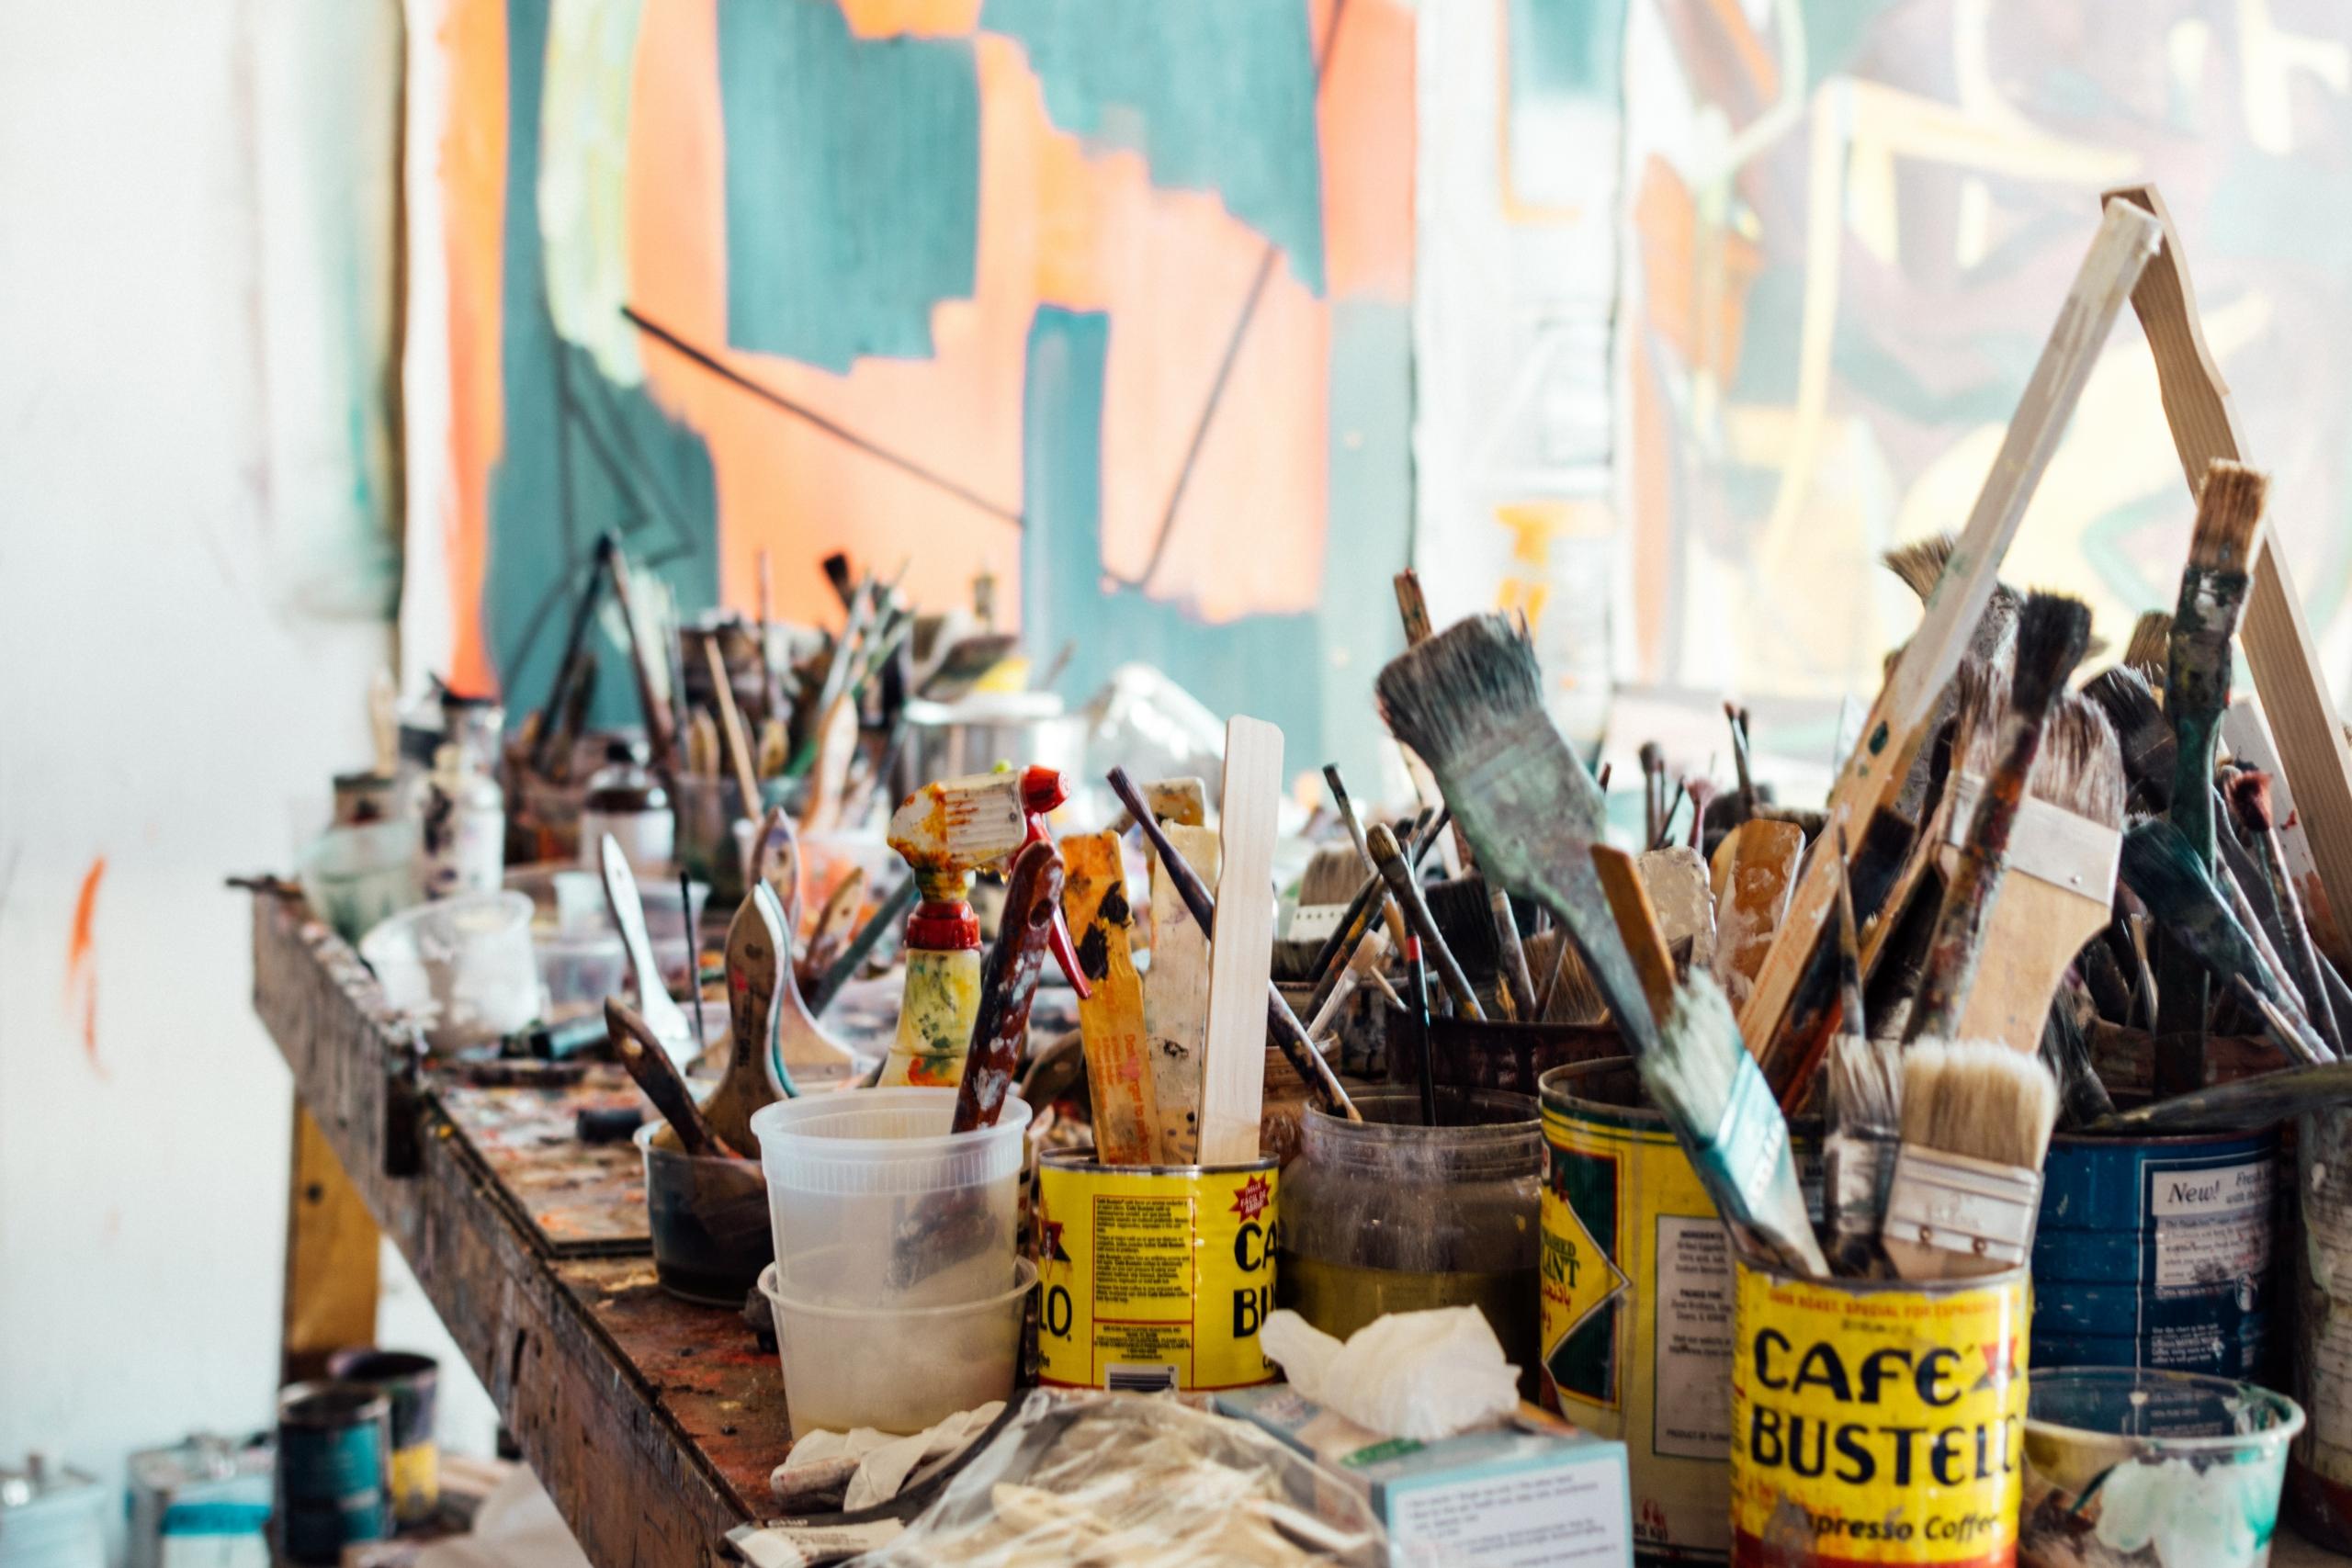 Sztuka współczesna – co o niej wiesz?